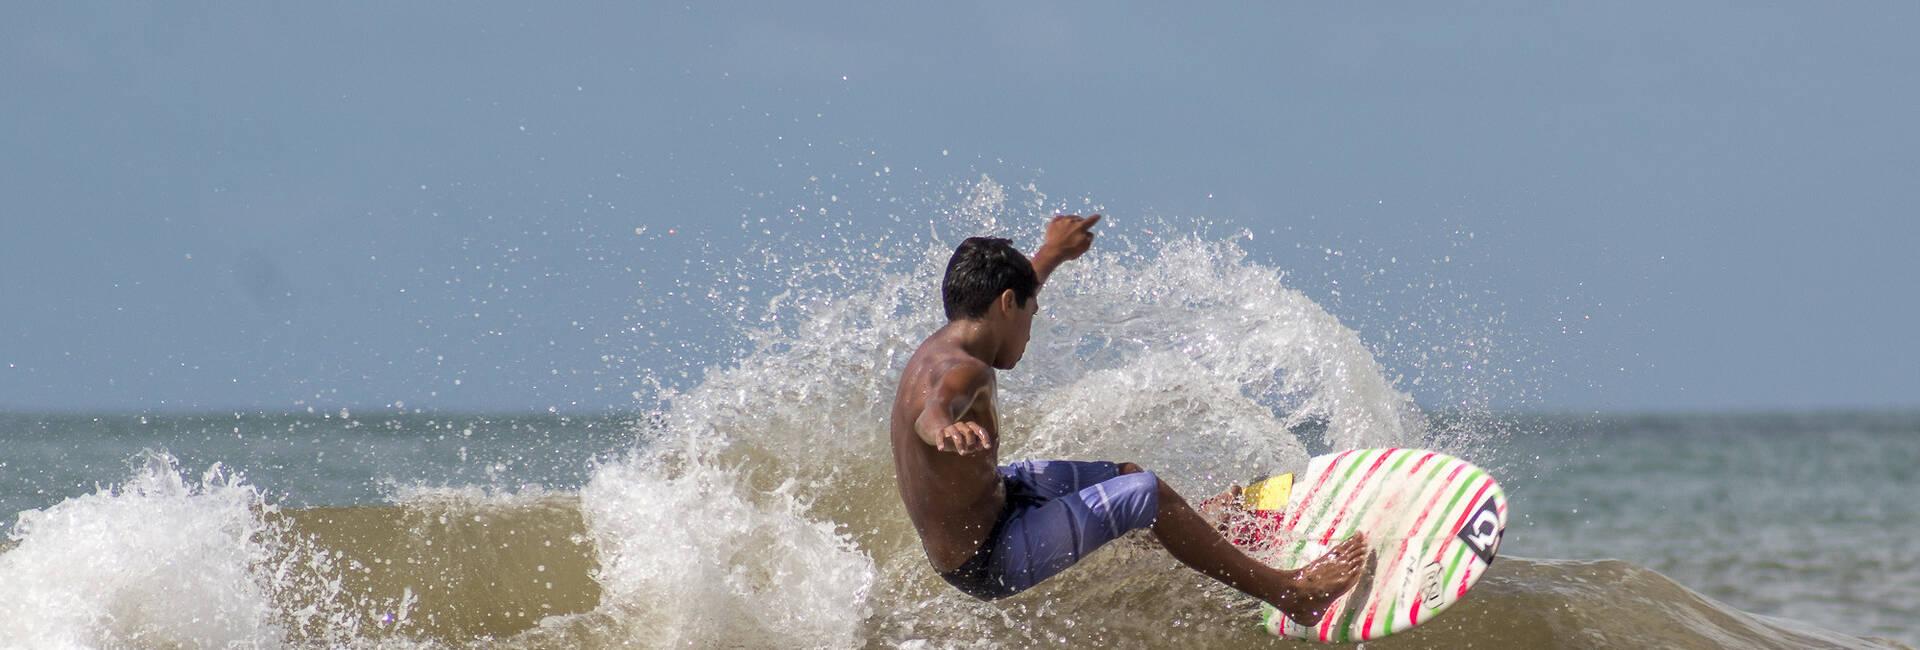 de :: Session de Surf ::